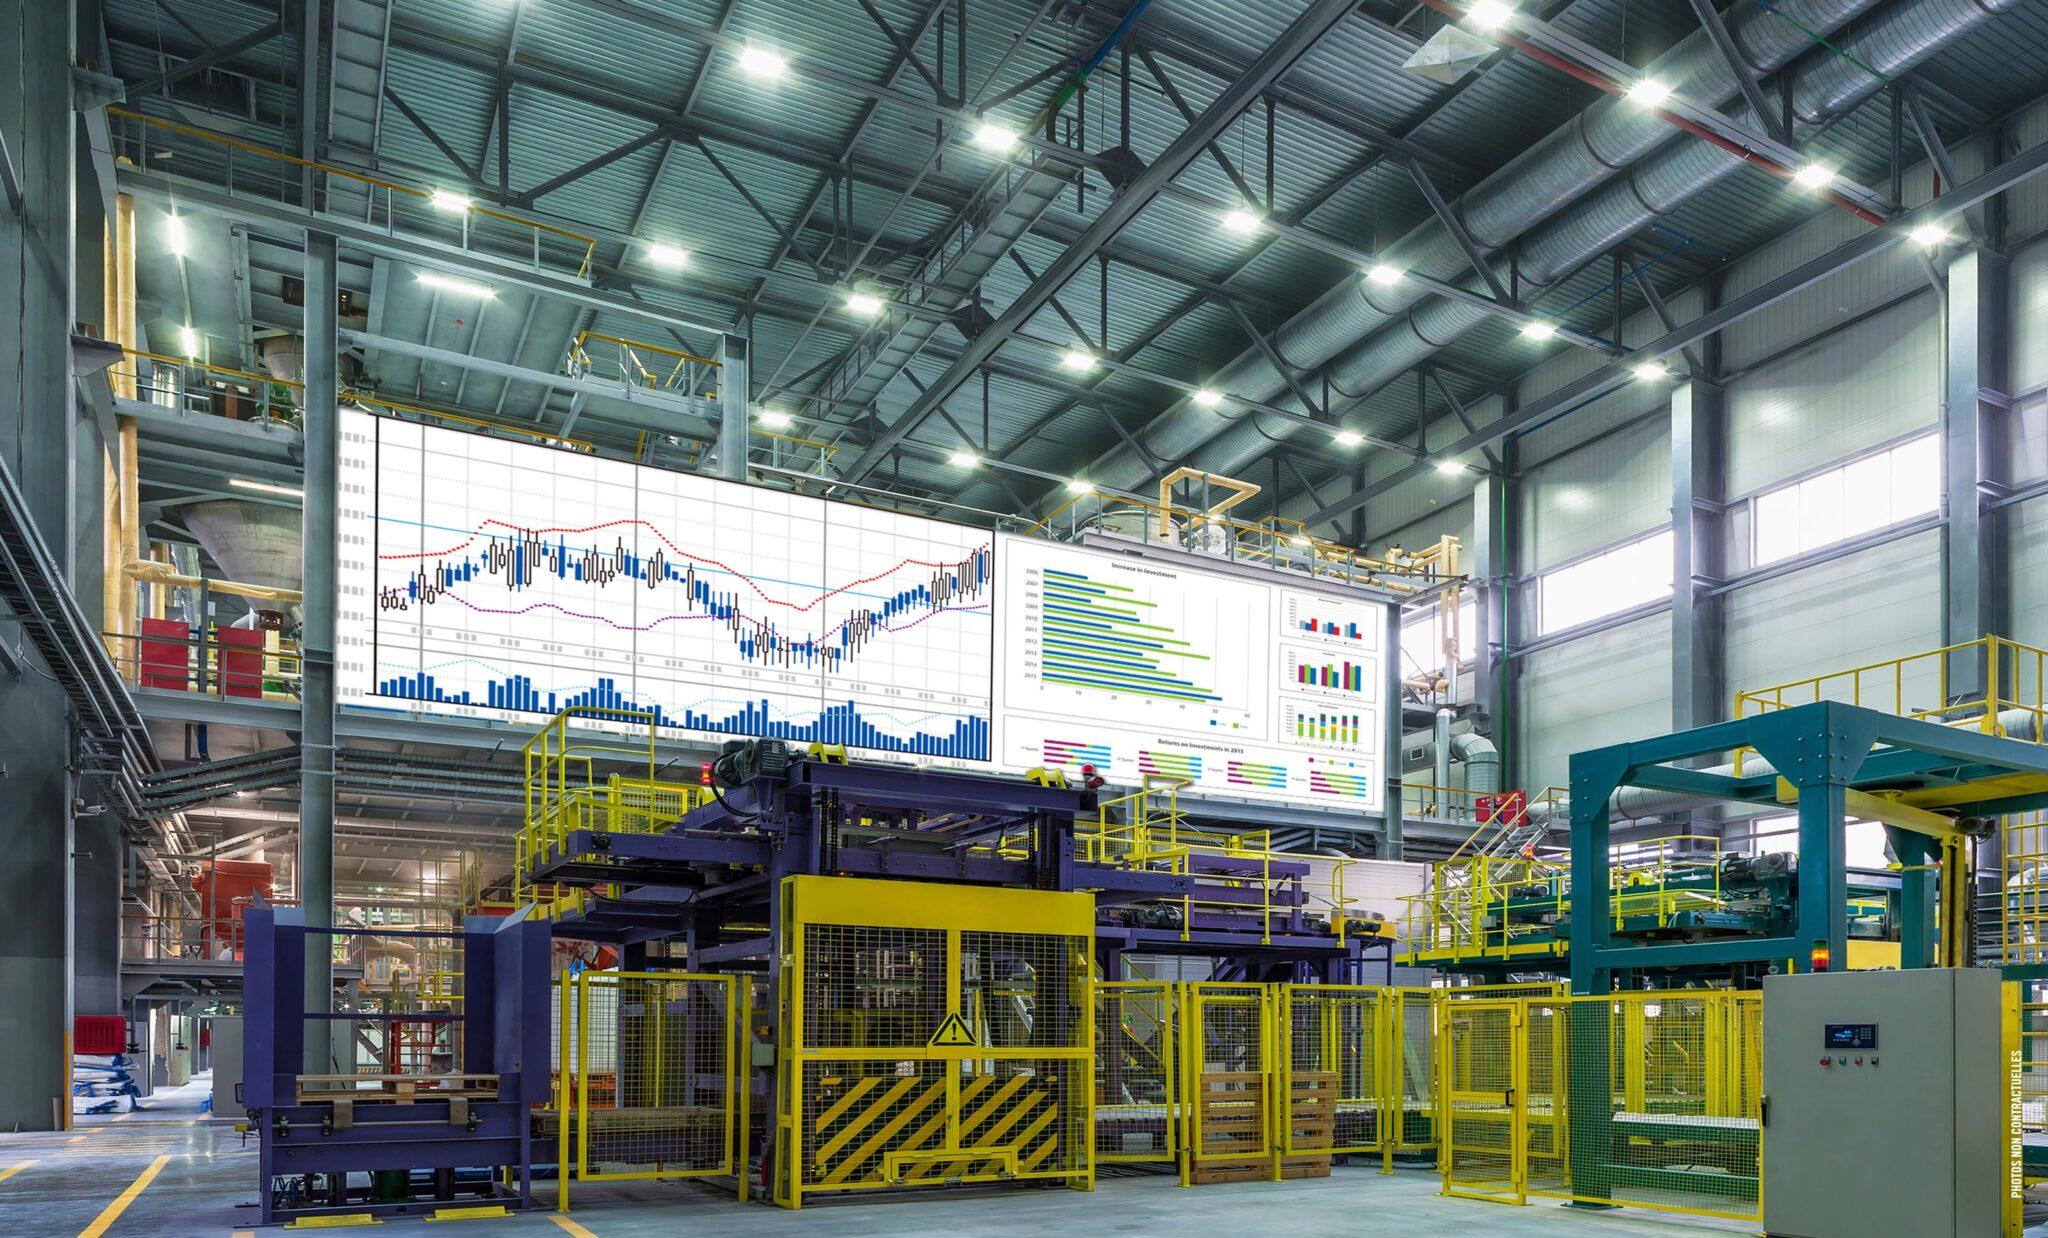 SHENZHEN Multimédia, à conçues des dalles LED SMD Nouvelle Génération pour les intégrations dans tous les secteurs d'activités.